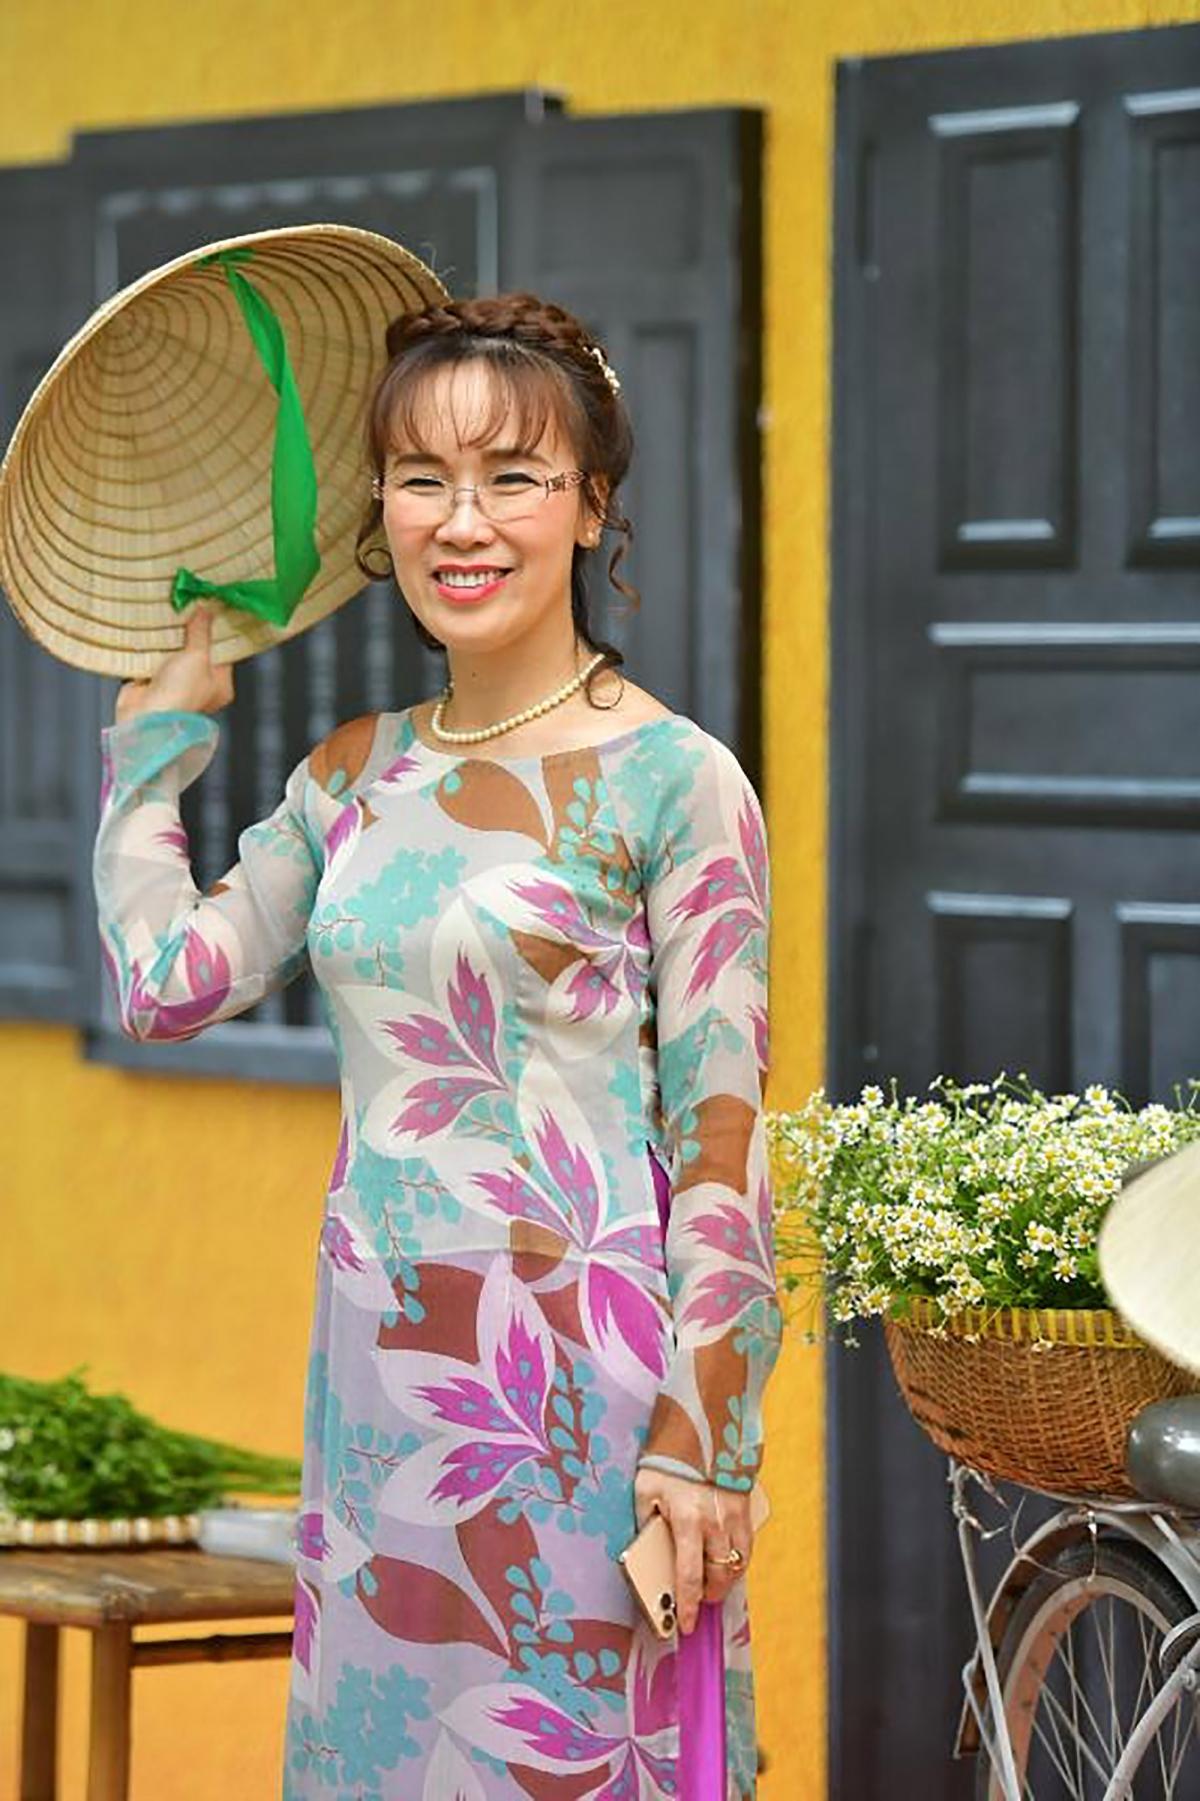 Nữ tỉ phú Nguyễn Thị Phương Thảo, người đã góp phần tạo ra Vietjet, hãng hàng không phục vụ người dân (Ảnh: H.Tài).